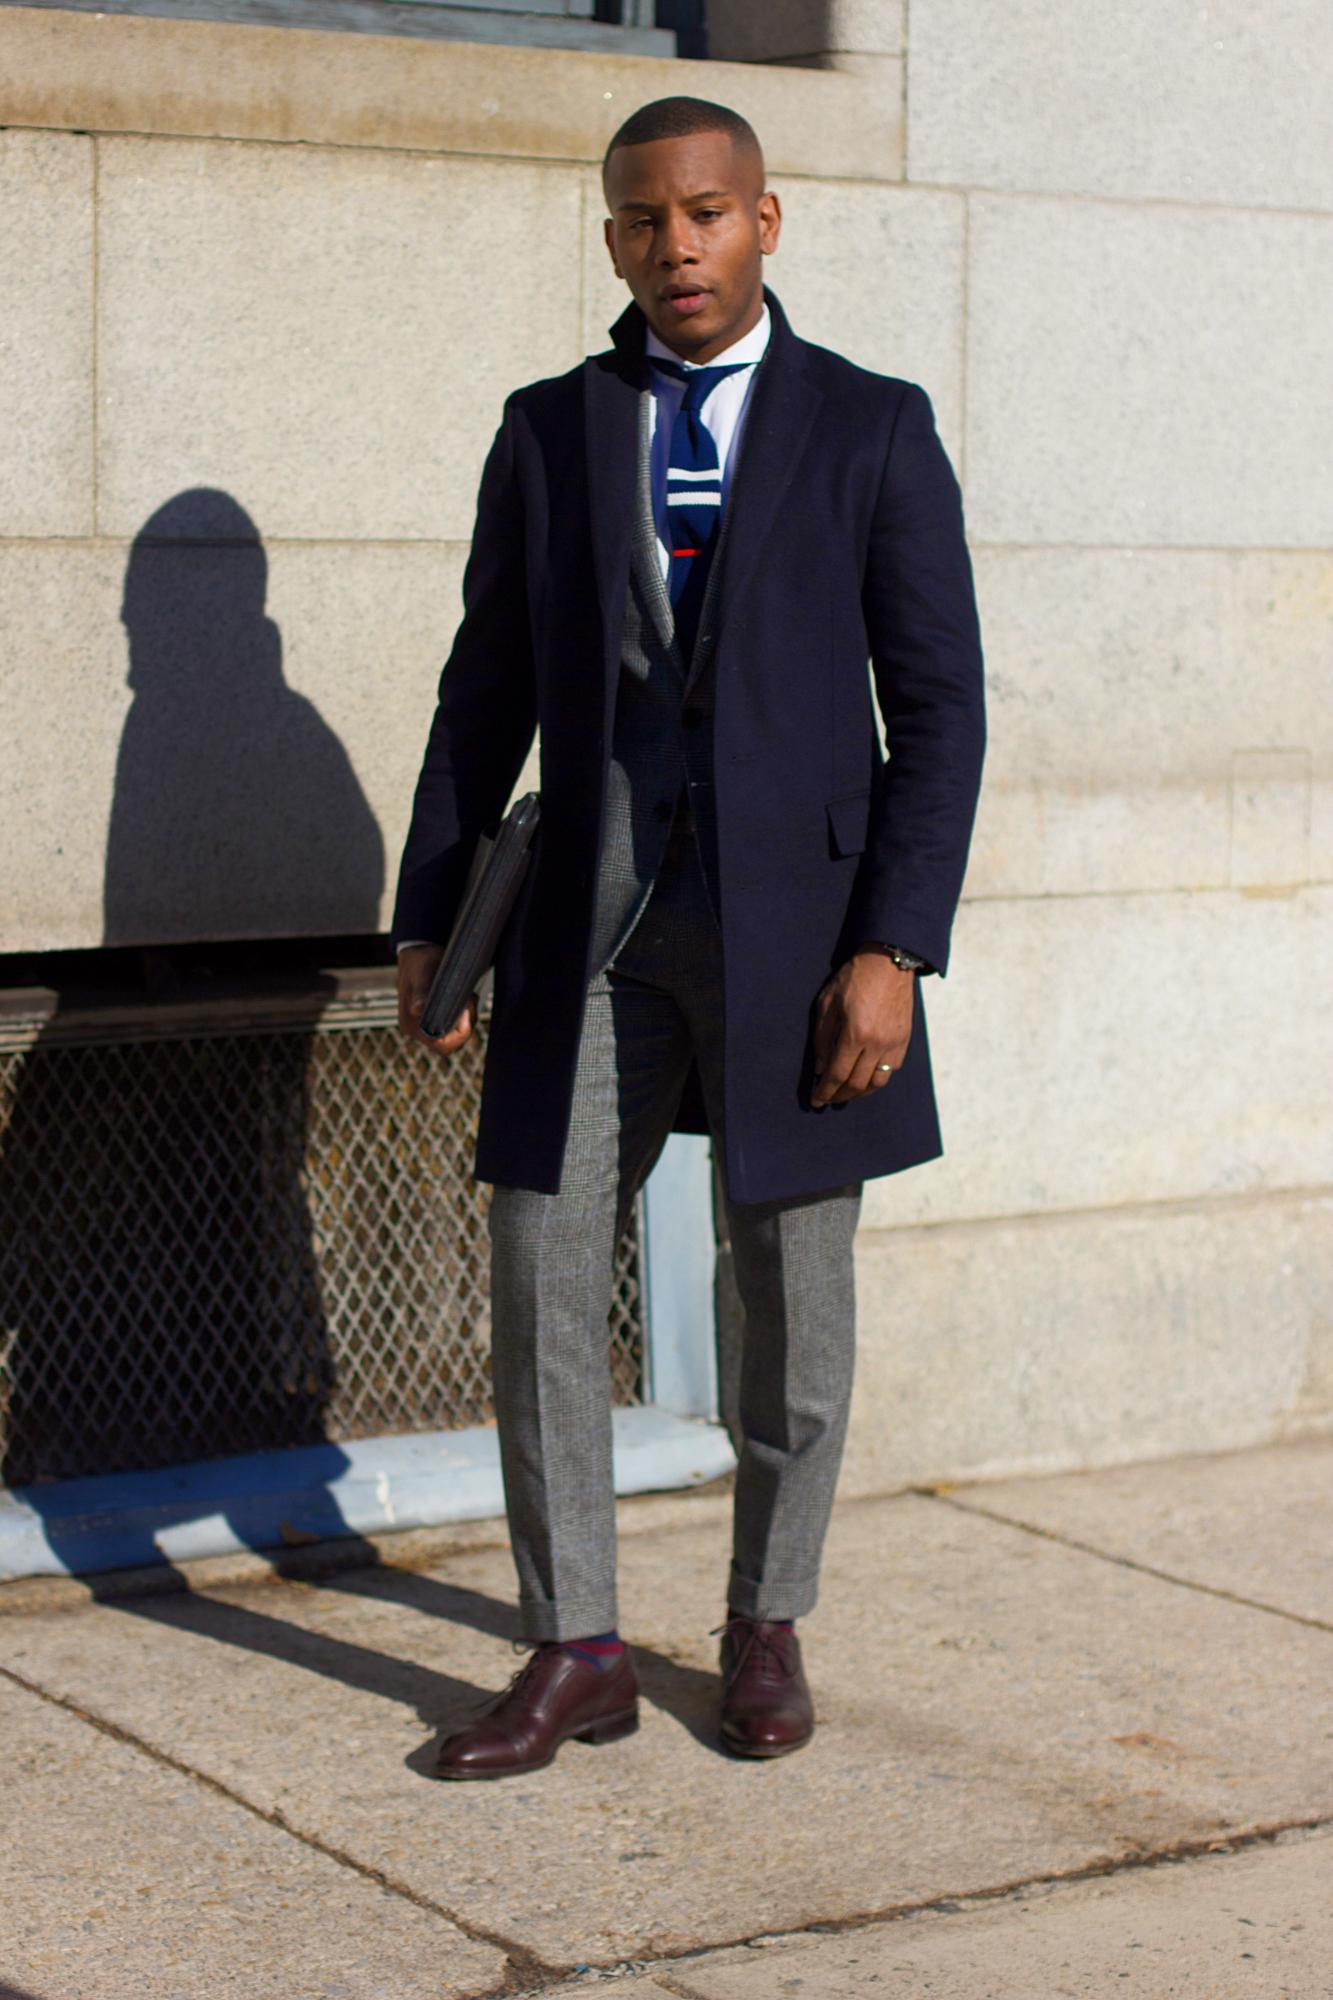 Men's Navy Topcoat Over Suit Sabir M. Peele in Uniqlo Coat